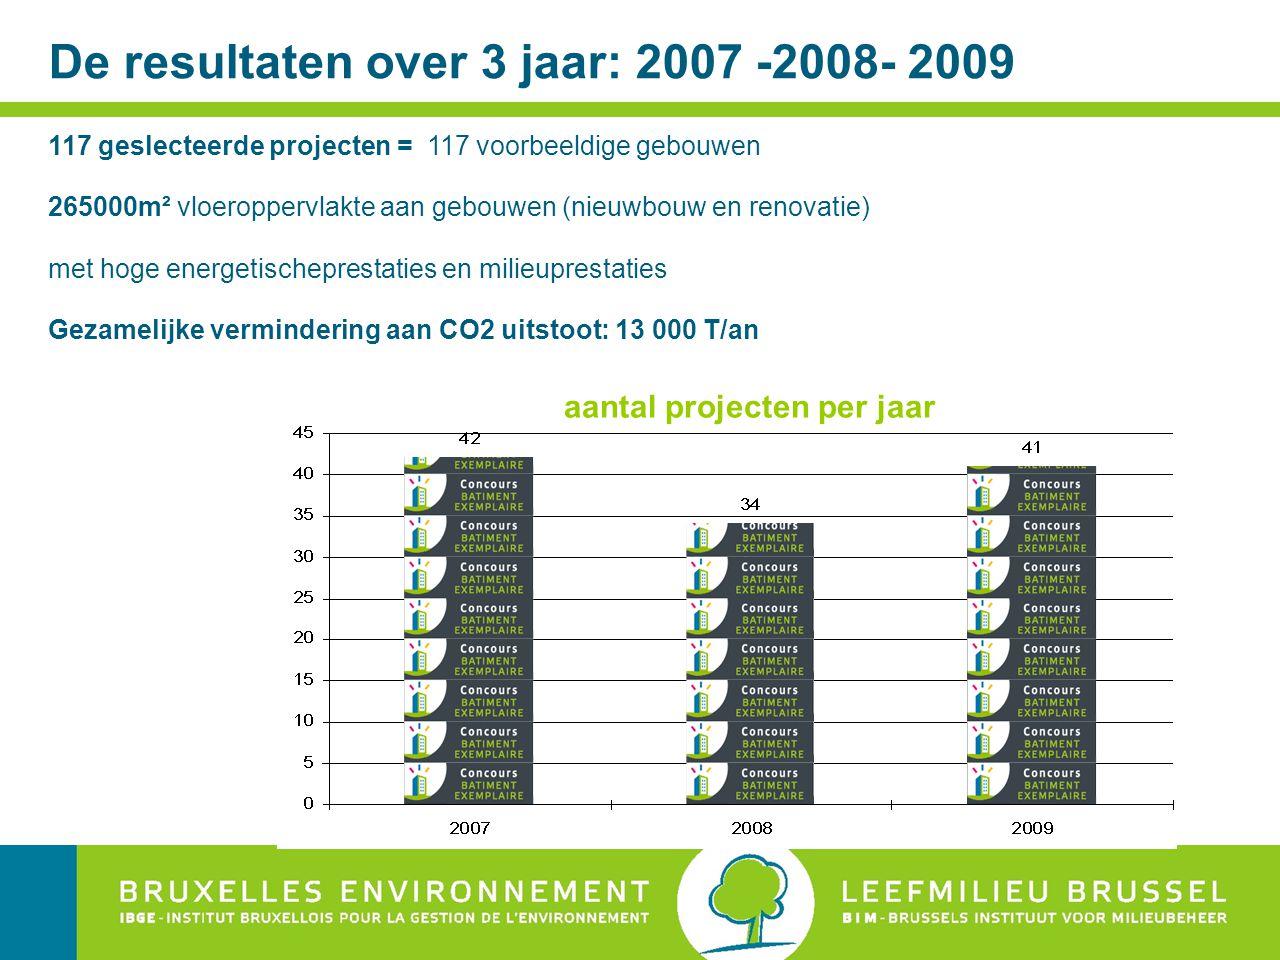 De resultaten over 3 jaar: 2007 -2008- 2009 117 geslecteerde projecten = 117 voorbeeldige gebouwen 265000m² vloeroppervlakte aan gebouwen (nieuwbouw en renovatie) met hoge energetischeprestaties en milieuprestaties Gezamelijke vermindering aan CO2 uitstoot: 13 000 T/an aantal projecten per jaar